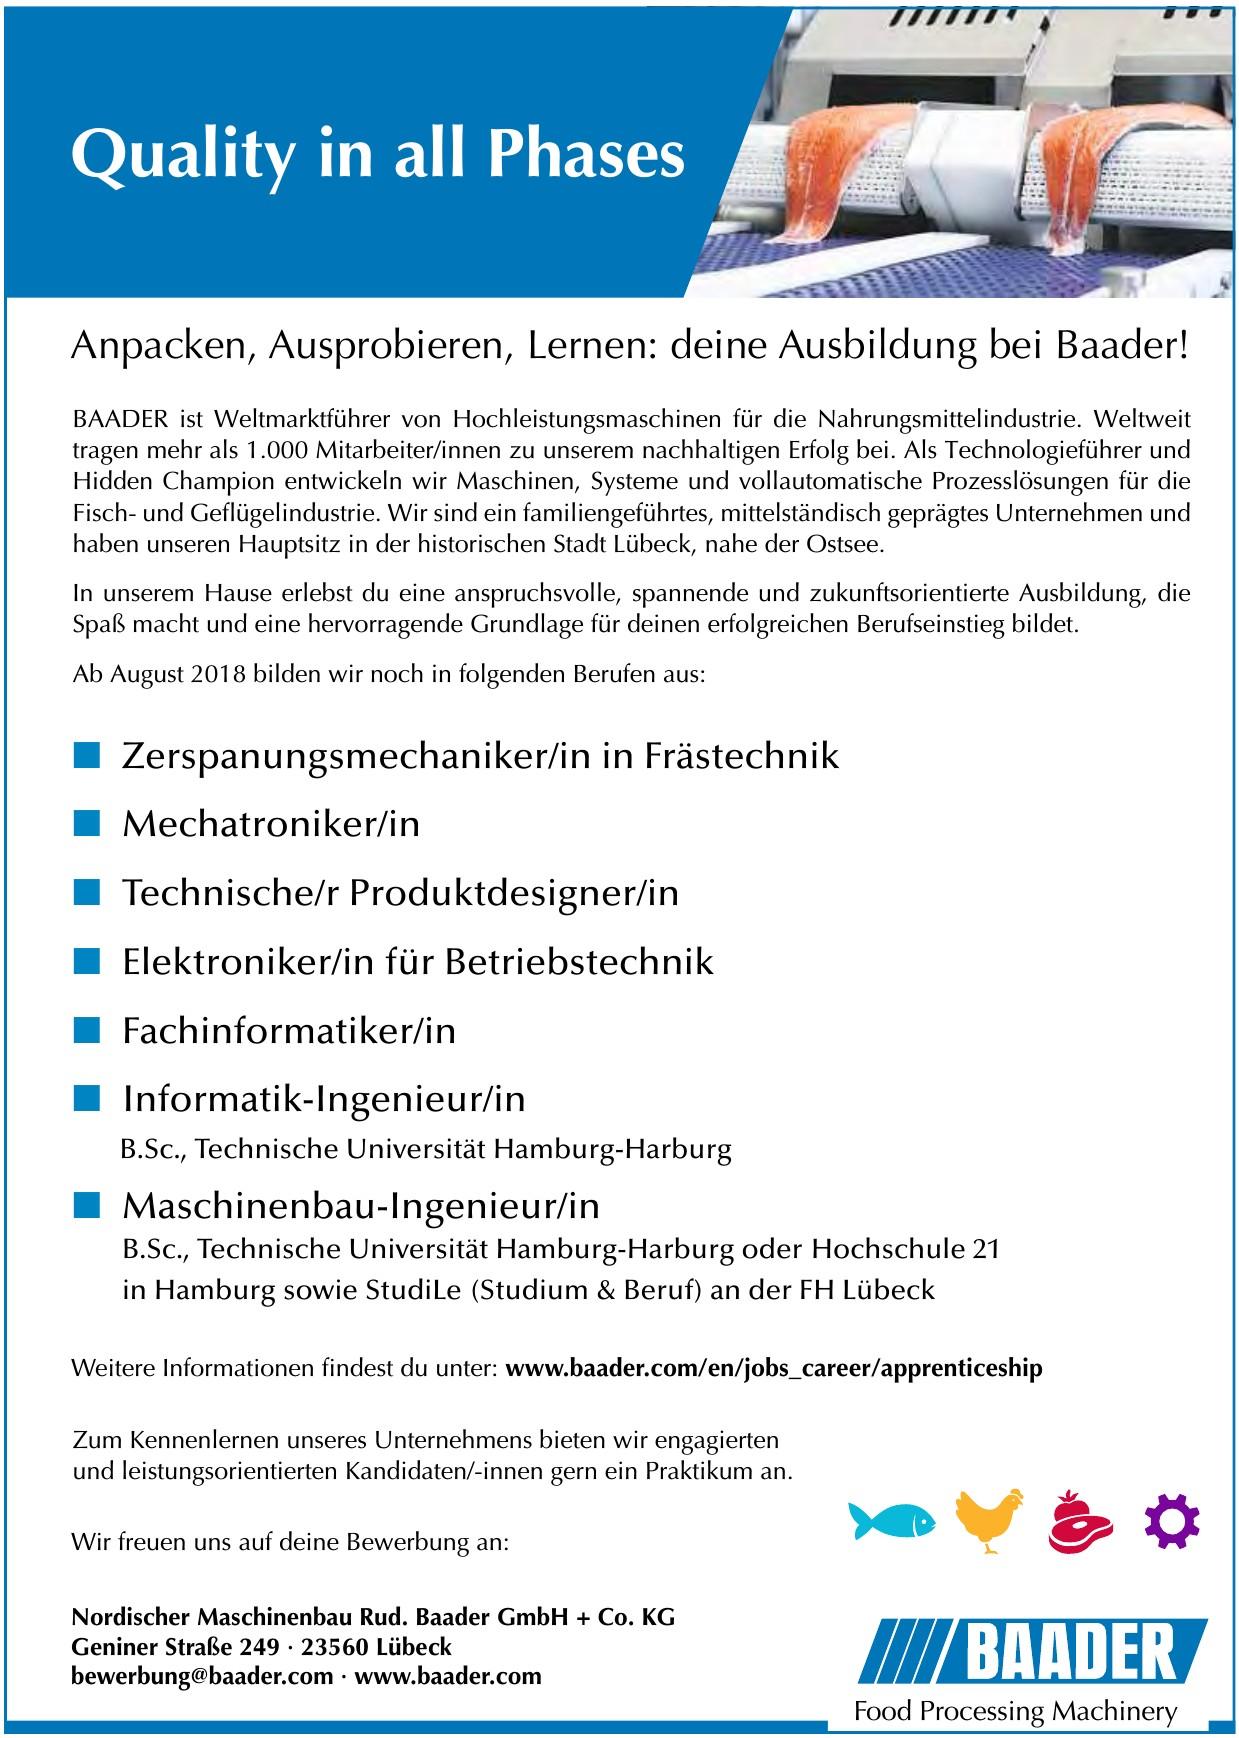 Nordischer Maschinenbau Rud. Baader GmbH + Co. KG